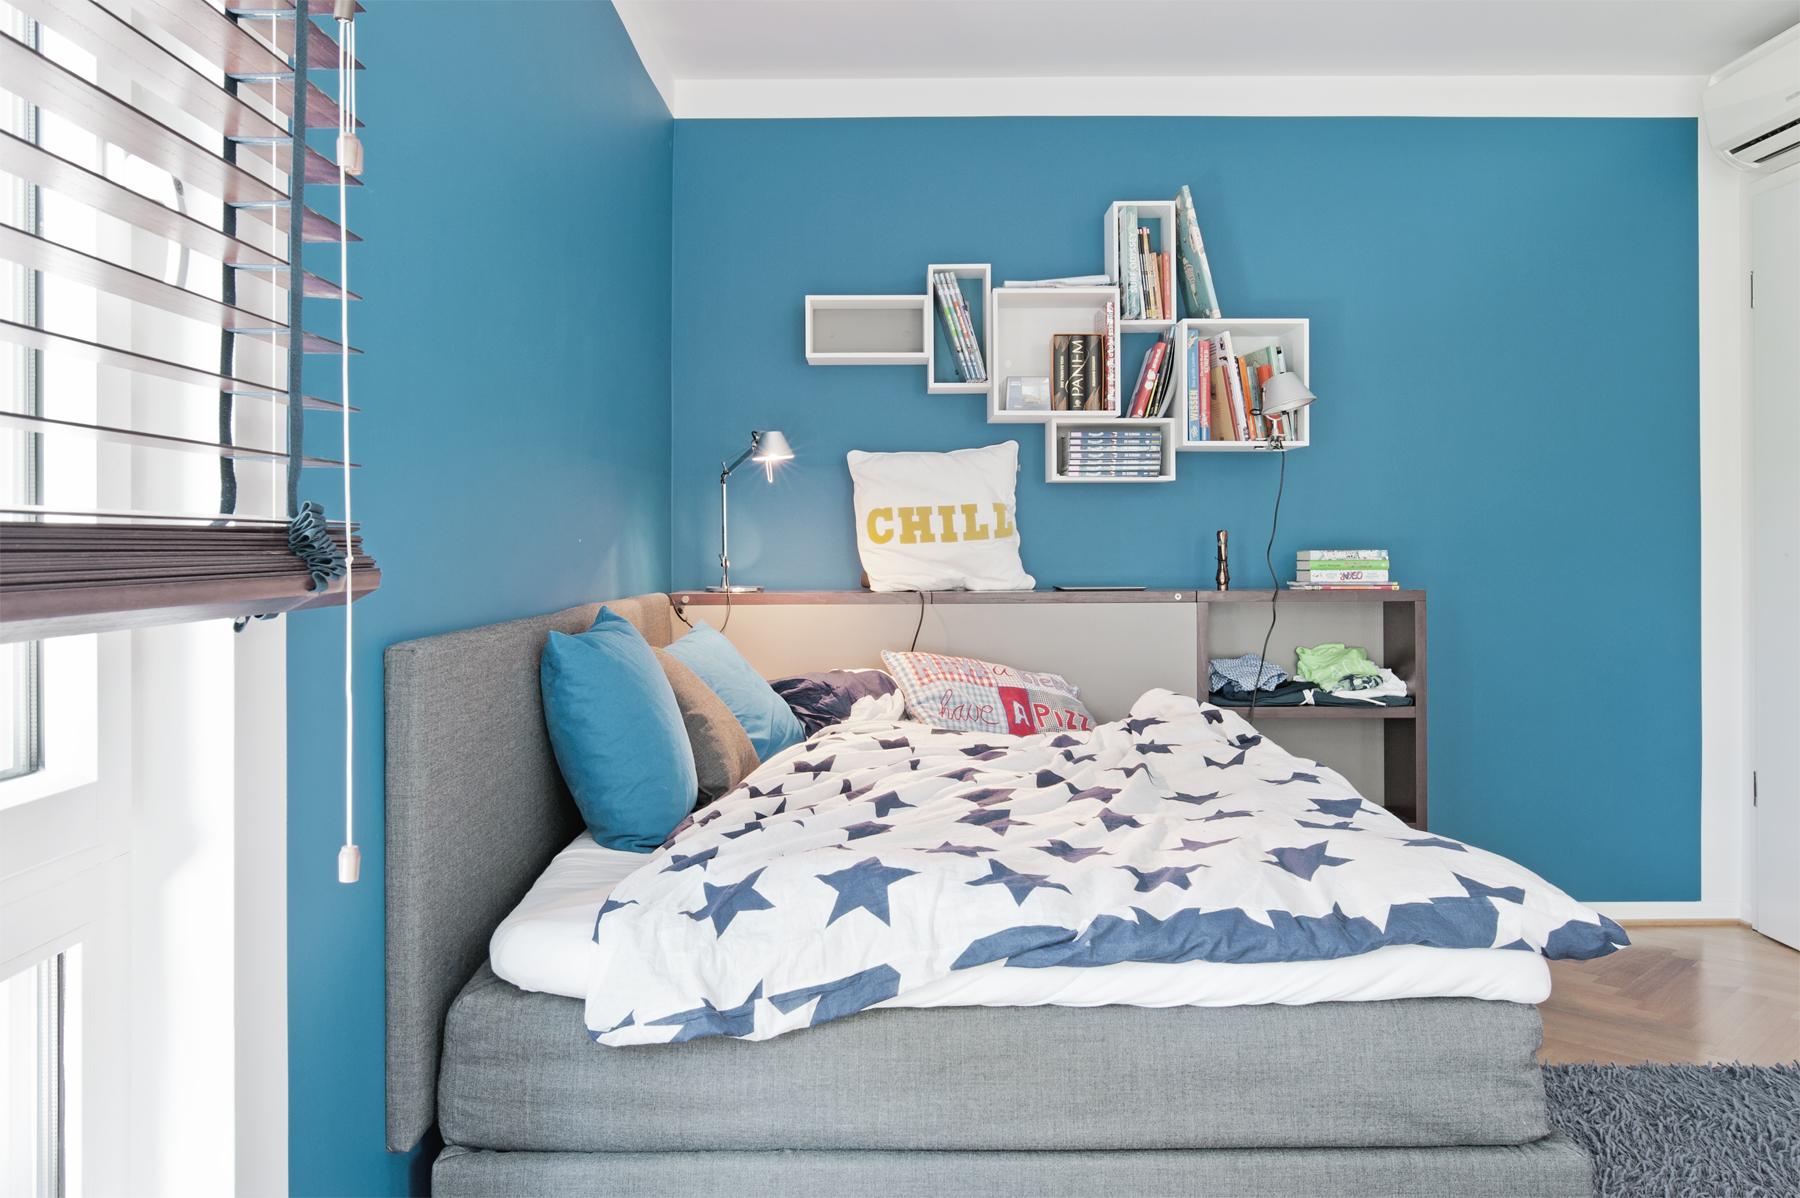 Full Size of Mobimio Kinderzimmer Jugendzimmer Zum Wohlfhlen Referenzen Regal Weiß Sofa Regale Wohnzimmer Wandgestaltung Kinderzimmer Jungen